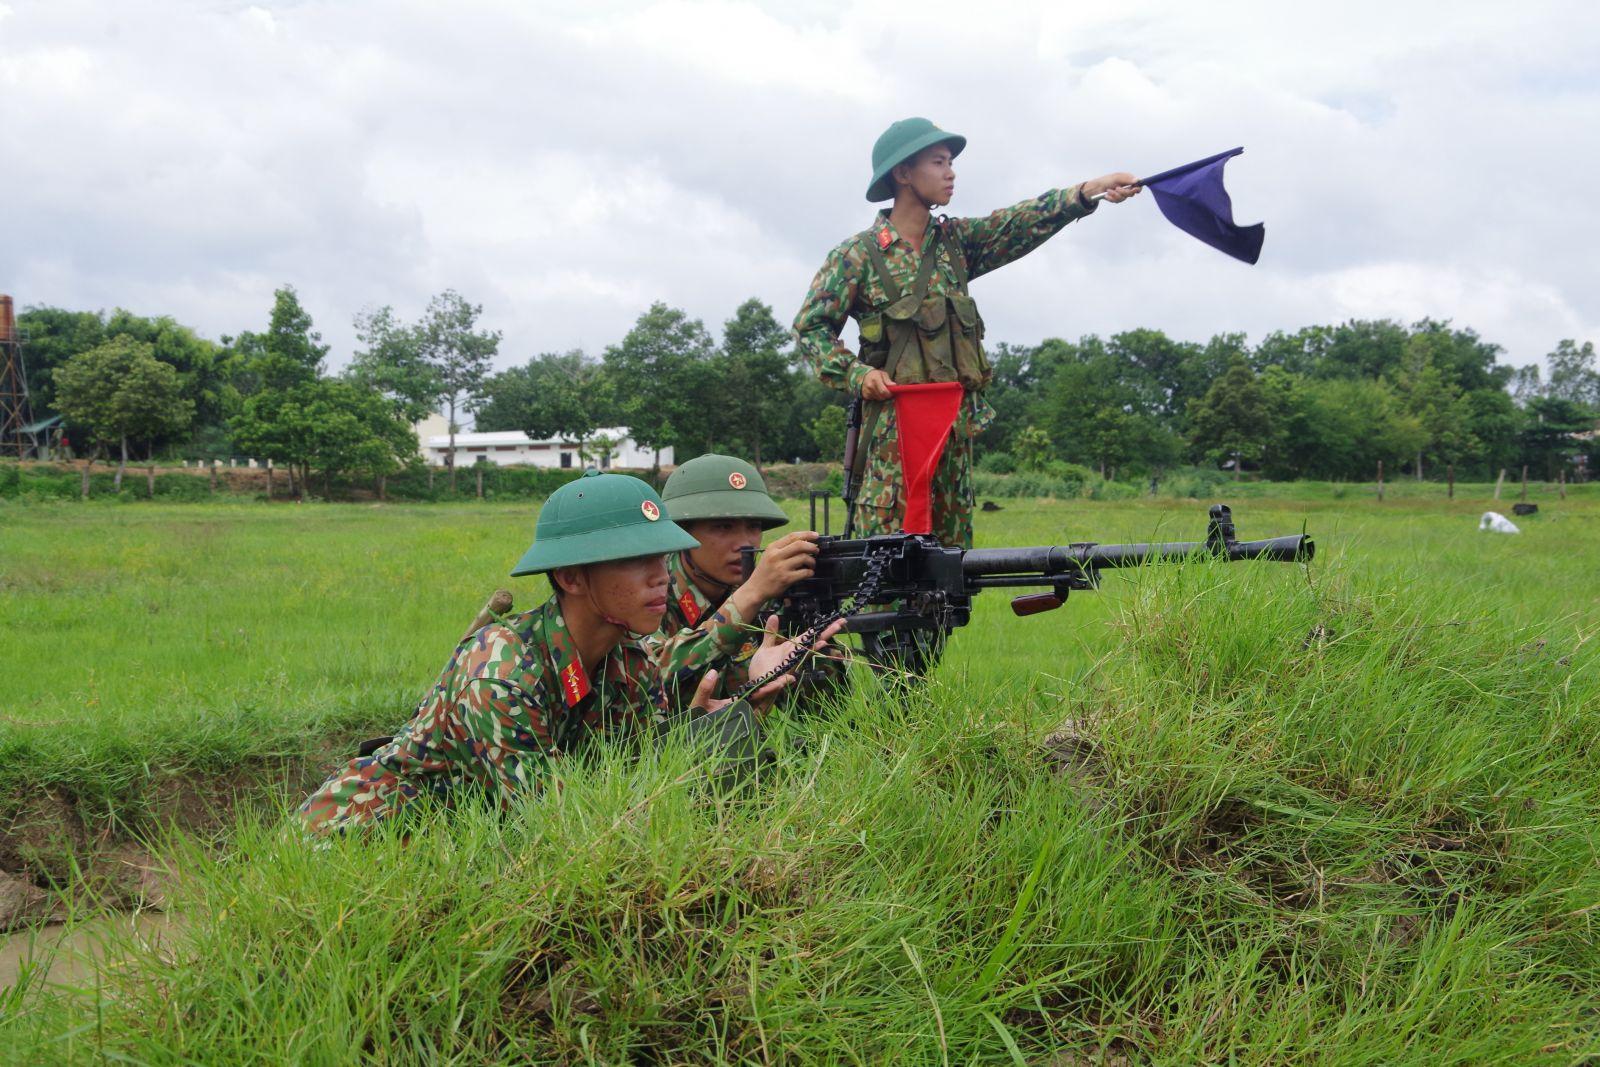 Tiểu đội trung liên luyện tập phương án sẵn sàng chiến đấu tiêu diệt mục tiêu